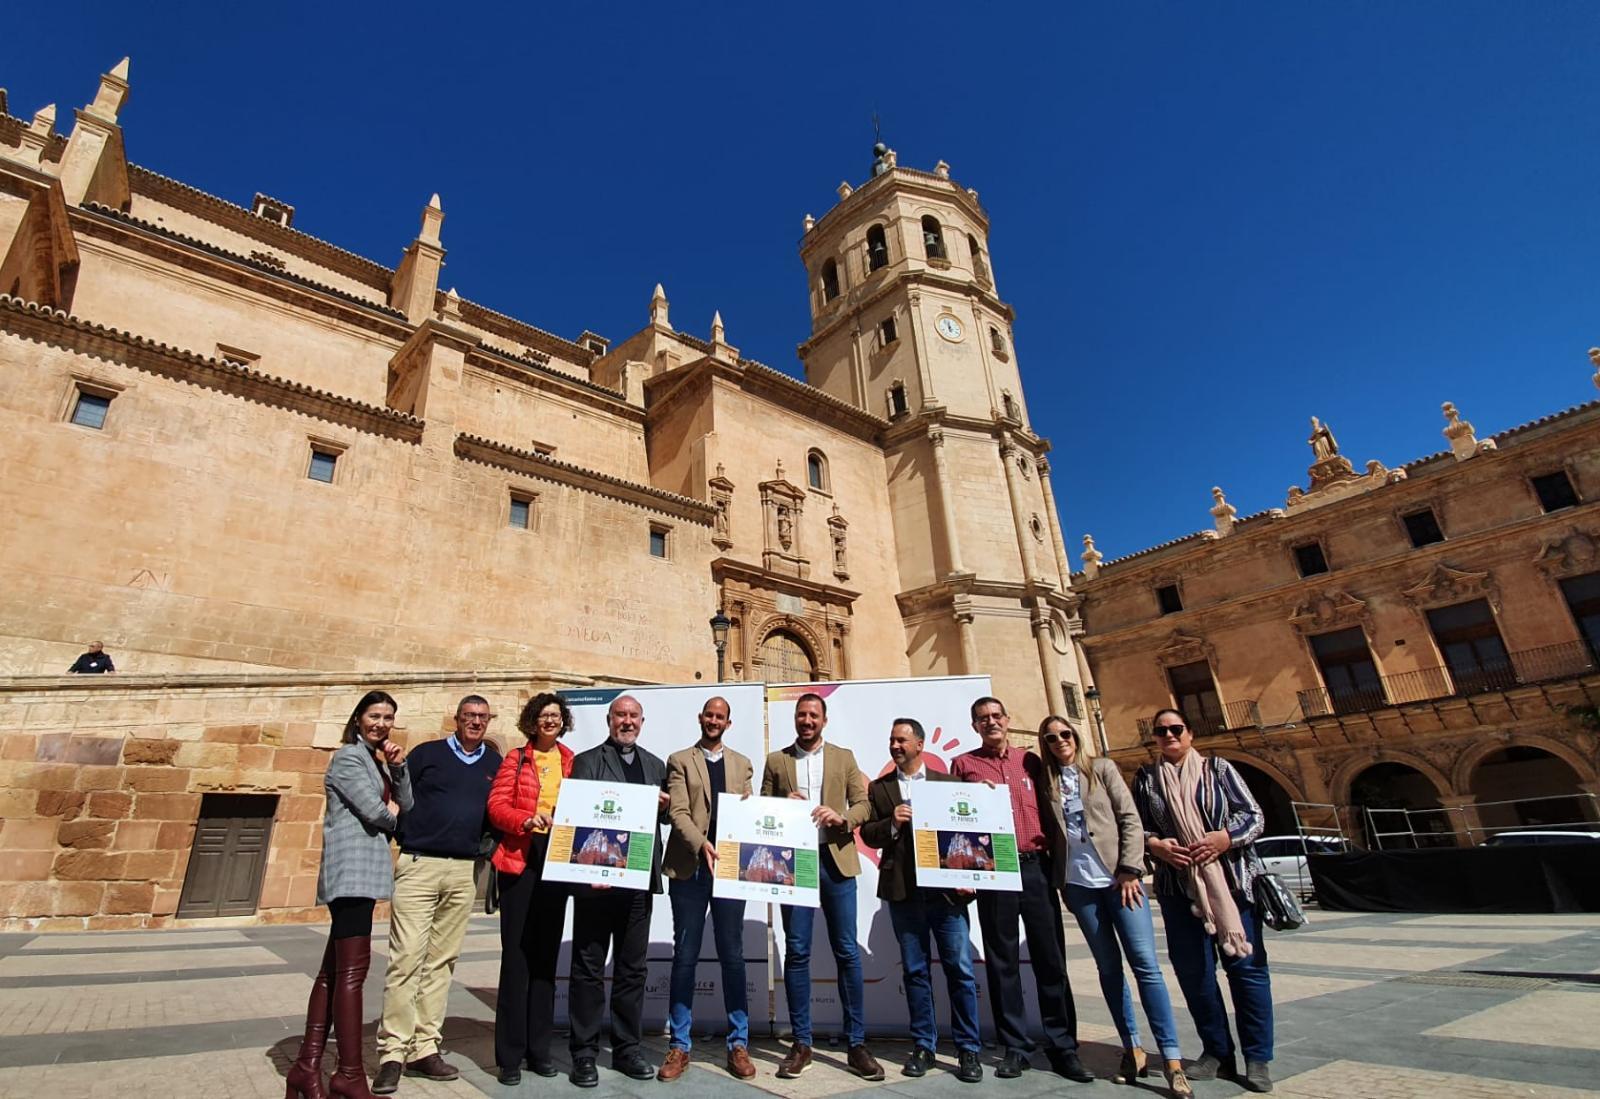 Lorca celebrará el Día de San Patricio con multitud de actividades en calle Corredera y Plaza de España, y la iluminación de color verde de la antigua Colegiata